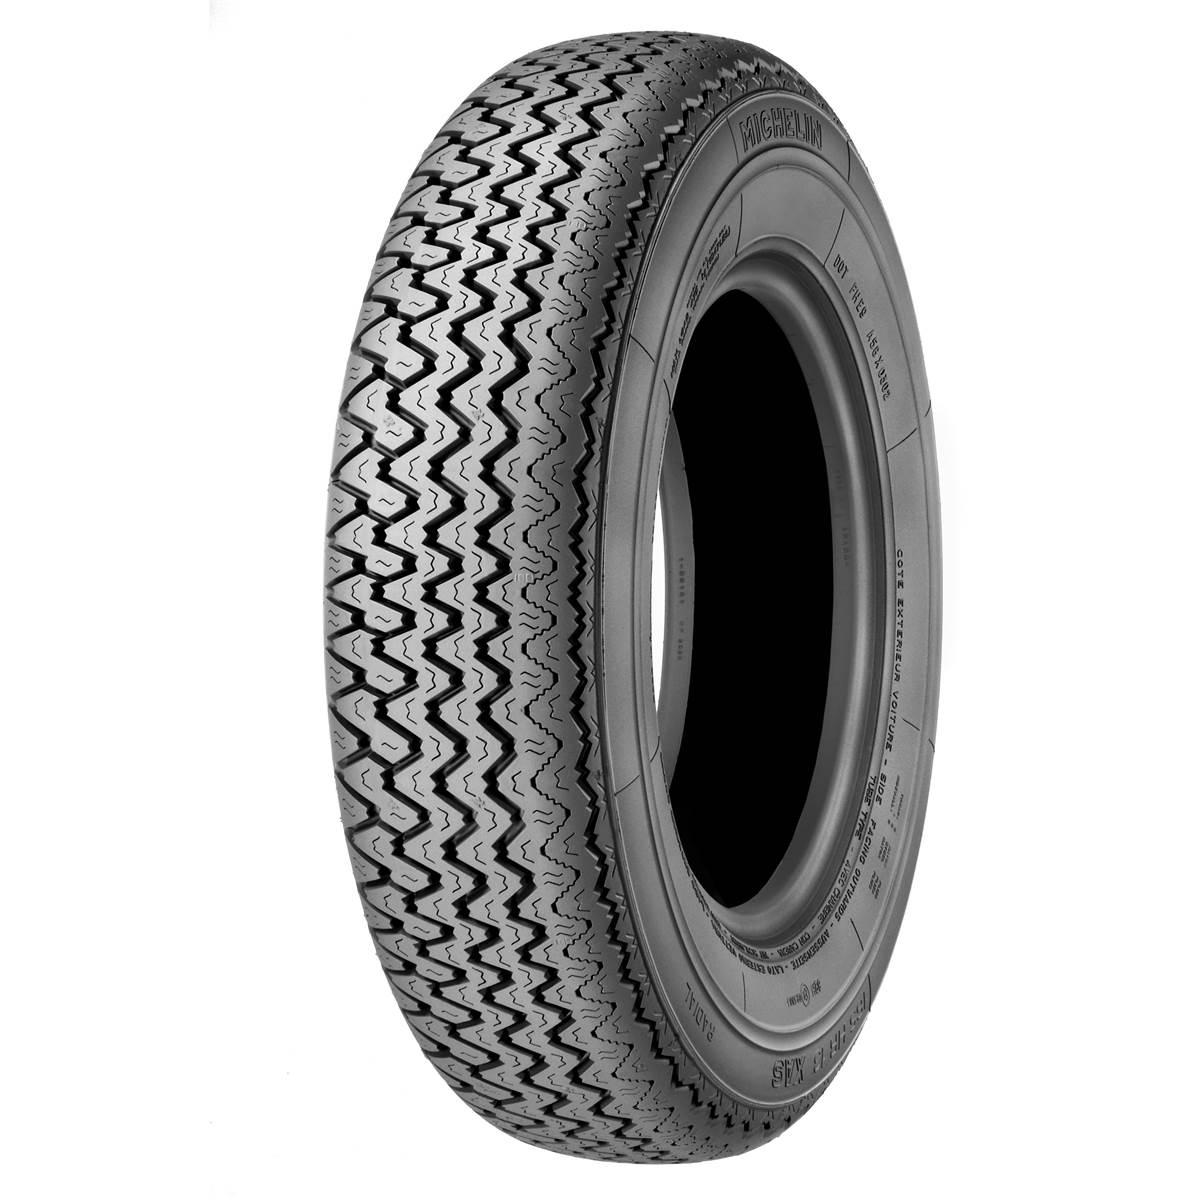 Pneu Michelin Collection 165/80R14 84H Xas